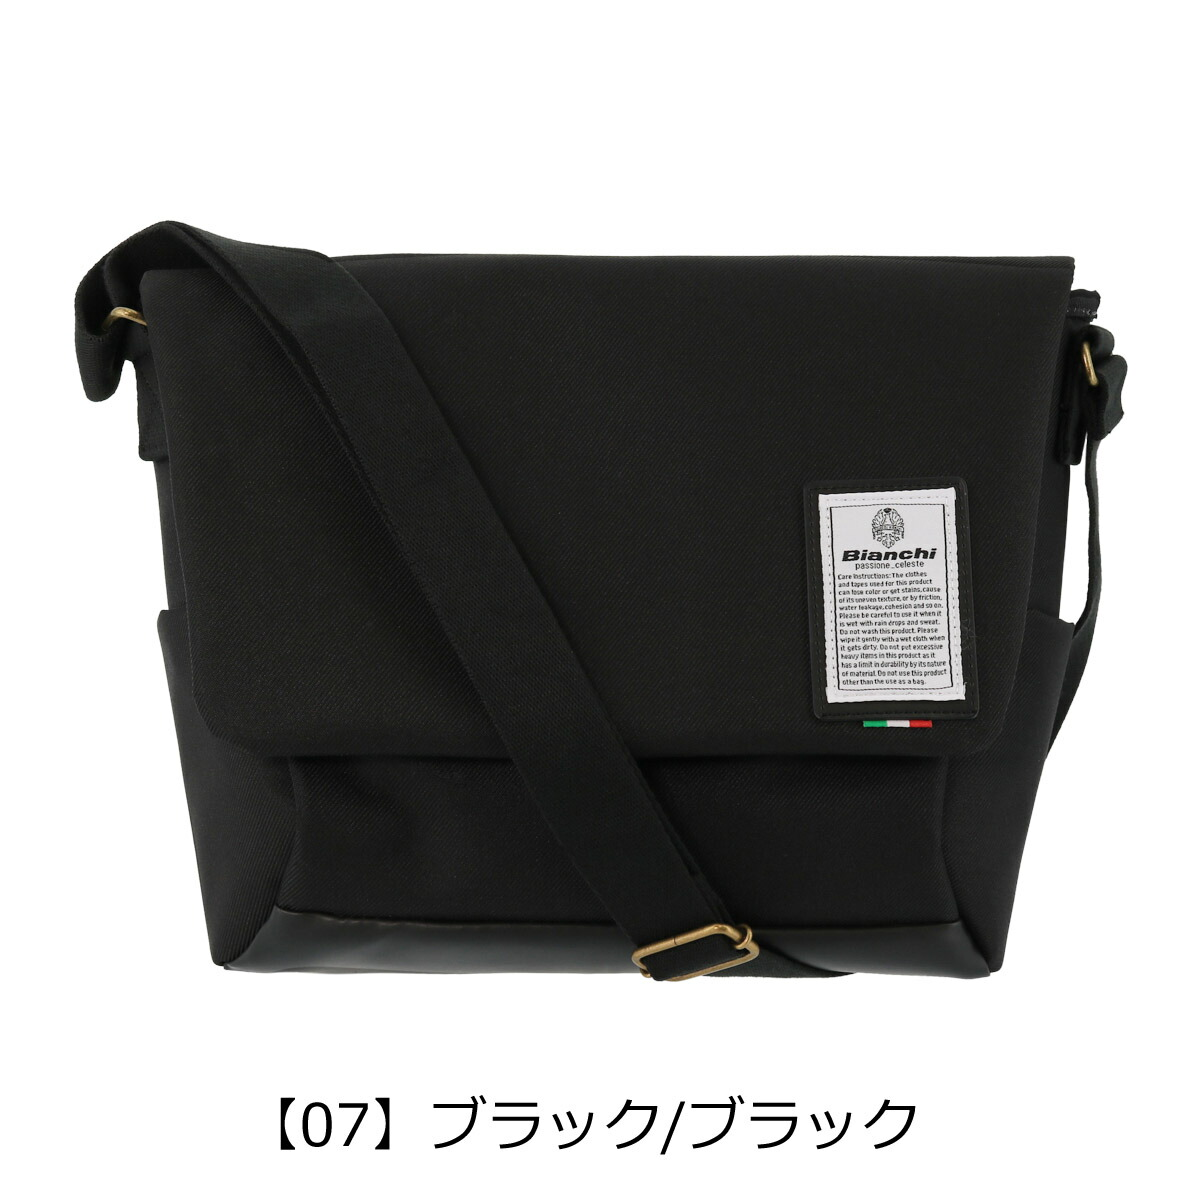 【07】ブラック/ブラック